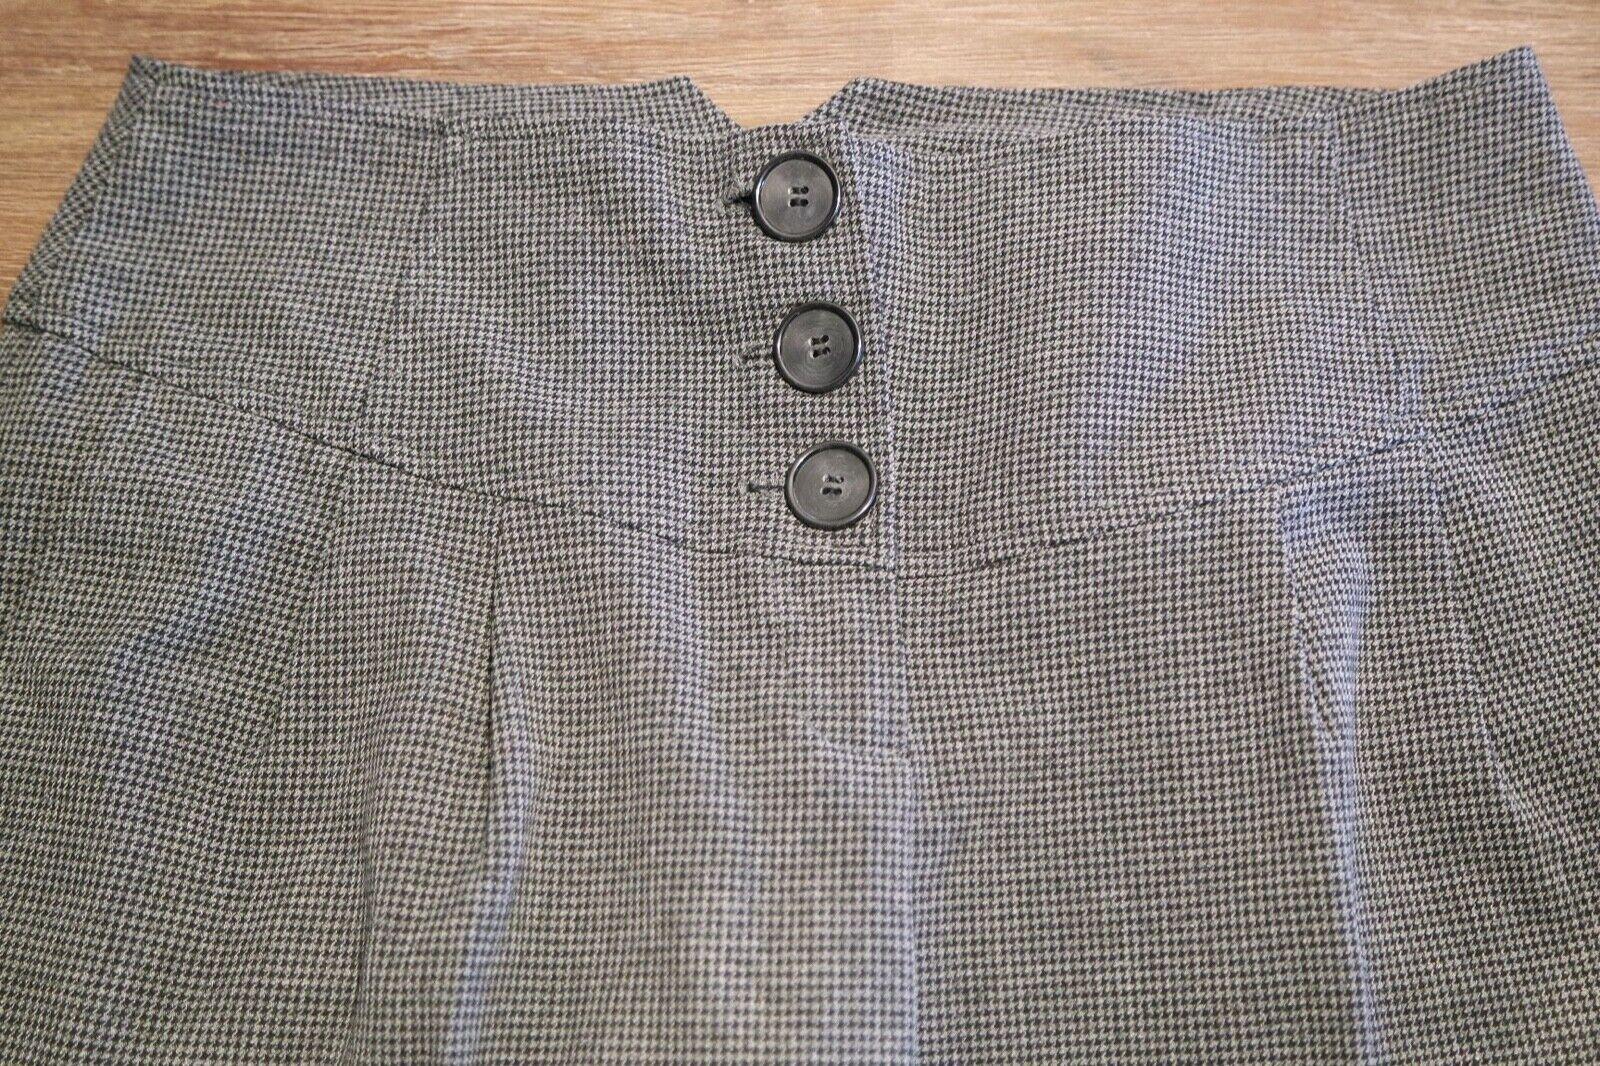 Shorts in Grau-Schwarzem Pepita-Muster, Hahnentritt, Tweed